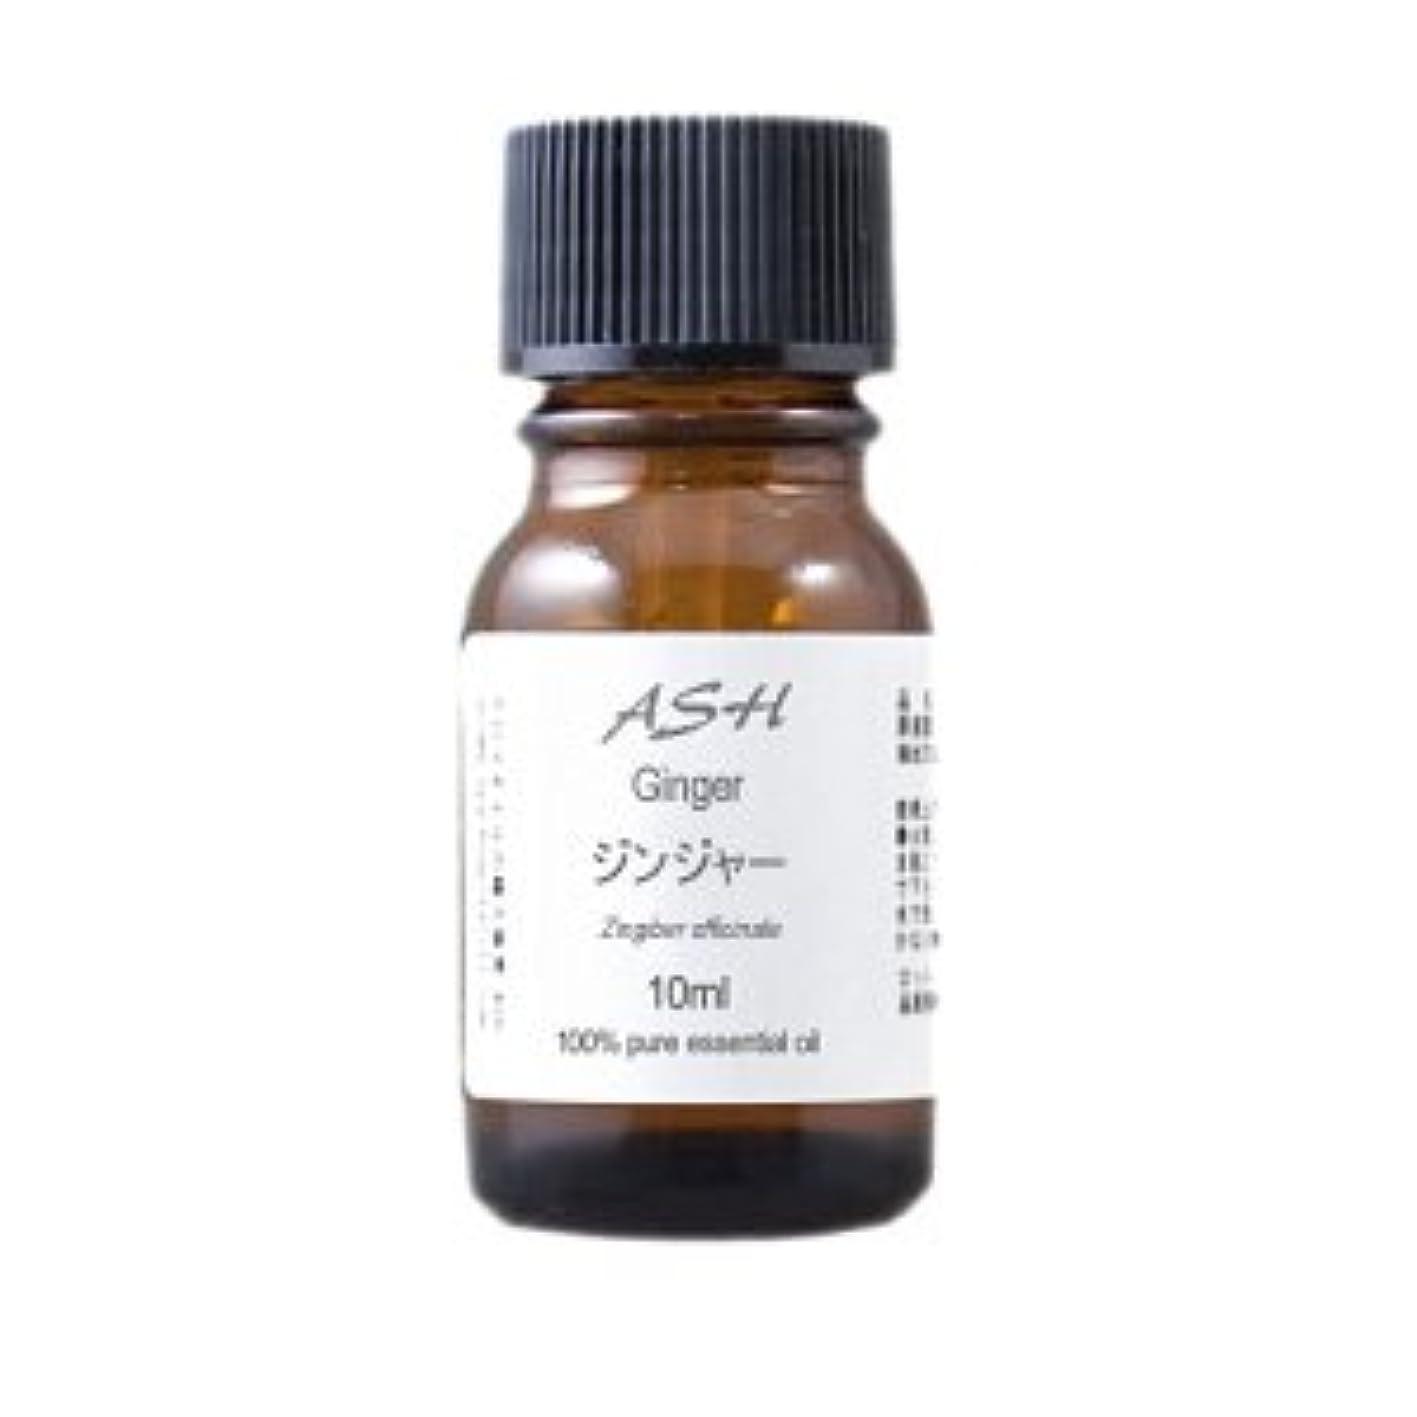 存在リール胆嚢ASH ジンジャー エッセンシャルオイル 10ml AEAJ表示基準適合認定精油